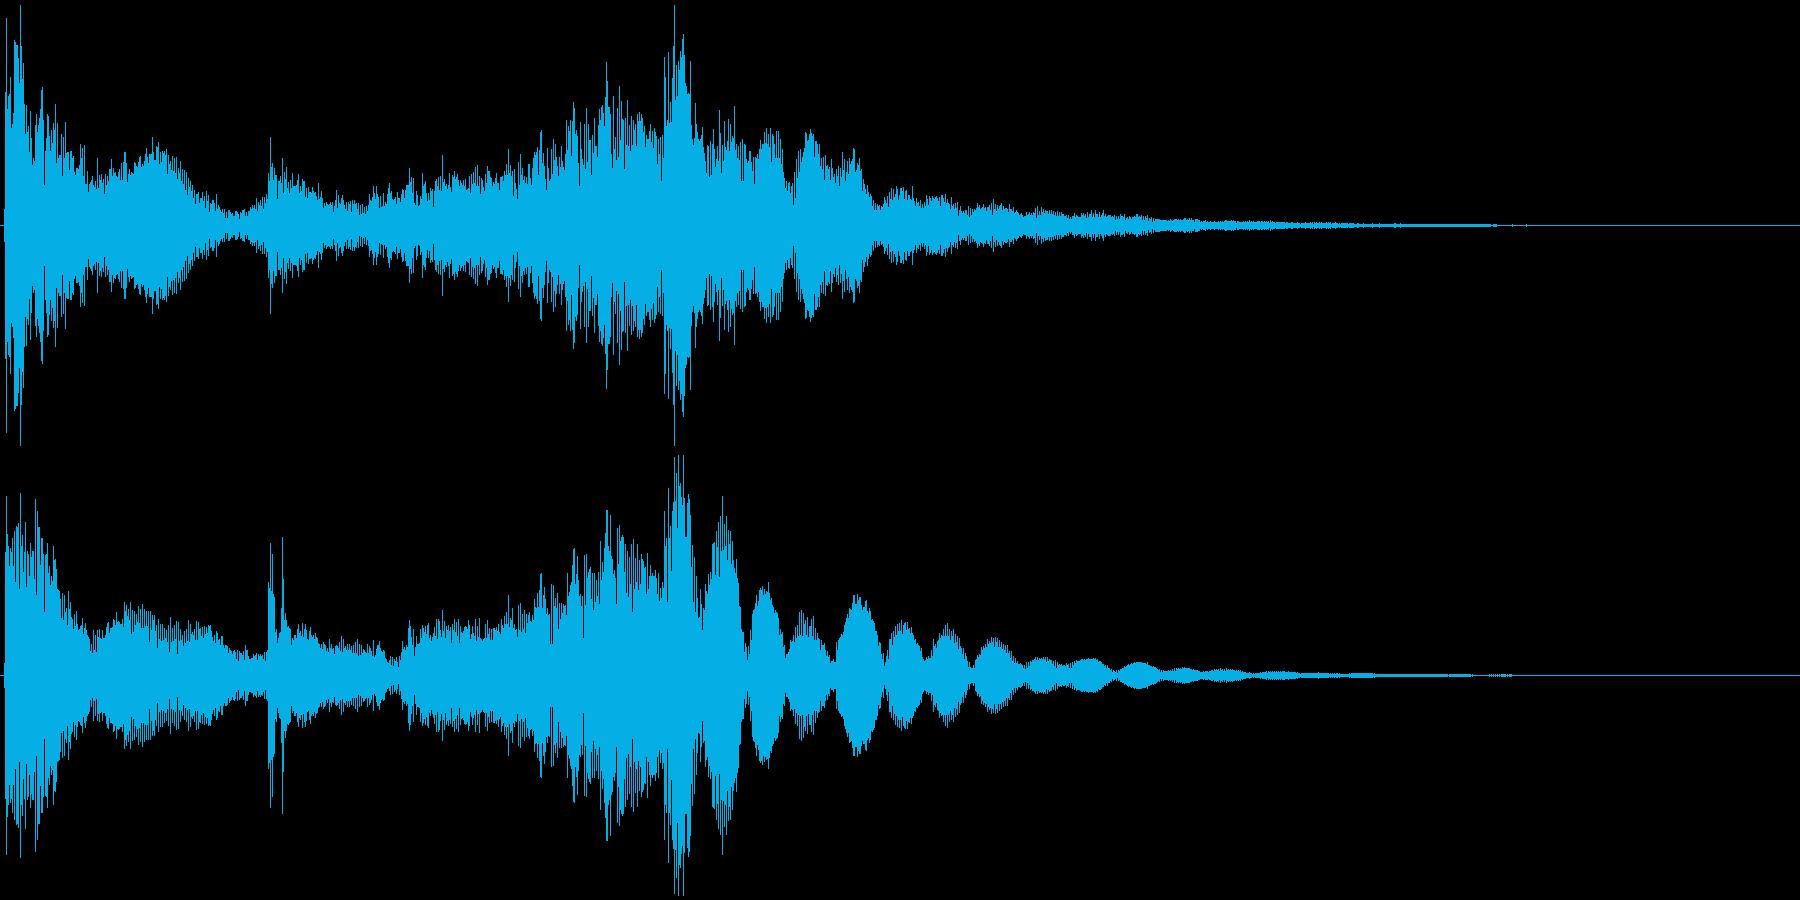 和太鼓登場ジングル1の再生済みの波形